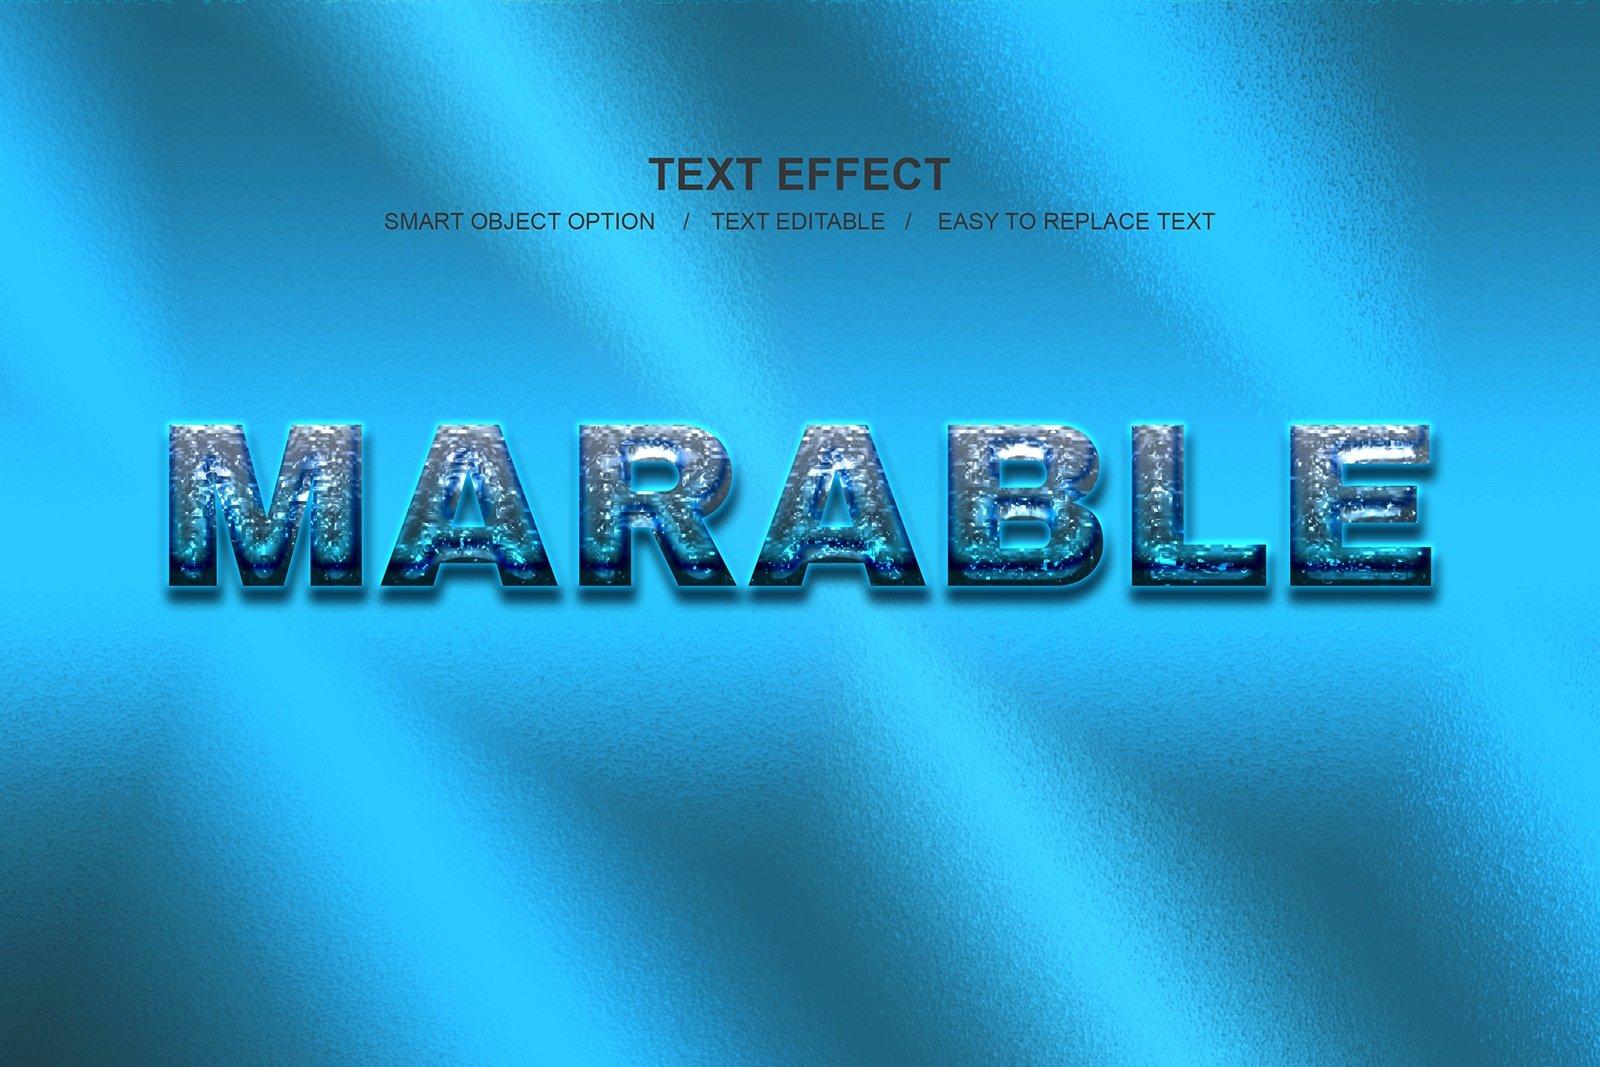 30款故障金属3D立体标题字体设计PS样式模板素材 Photoshop Layer Style Bundle插图(11)